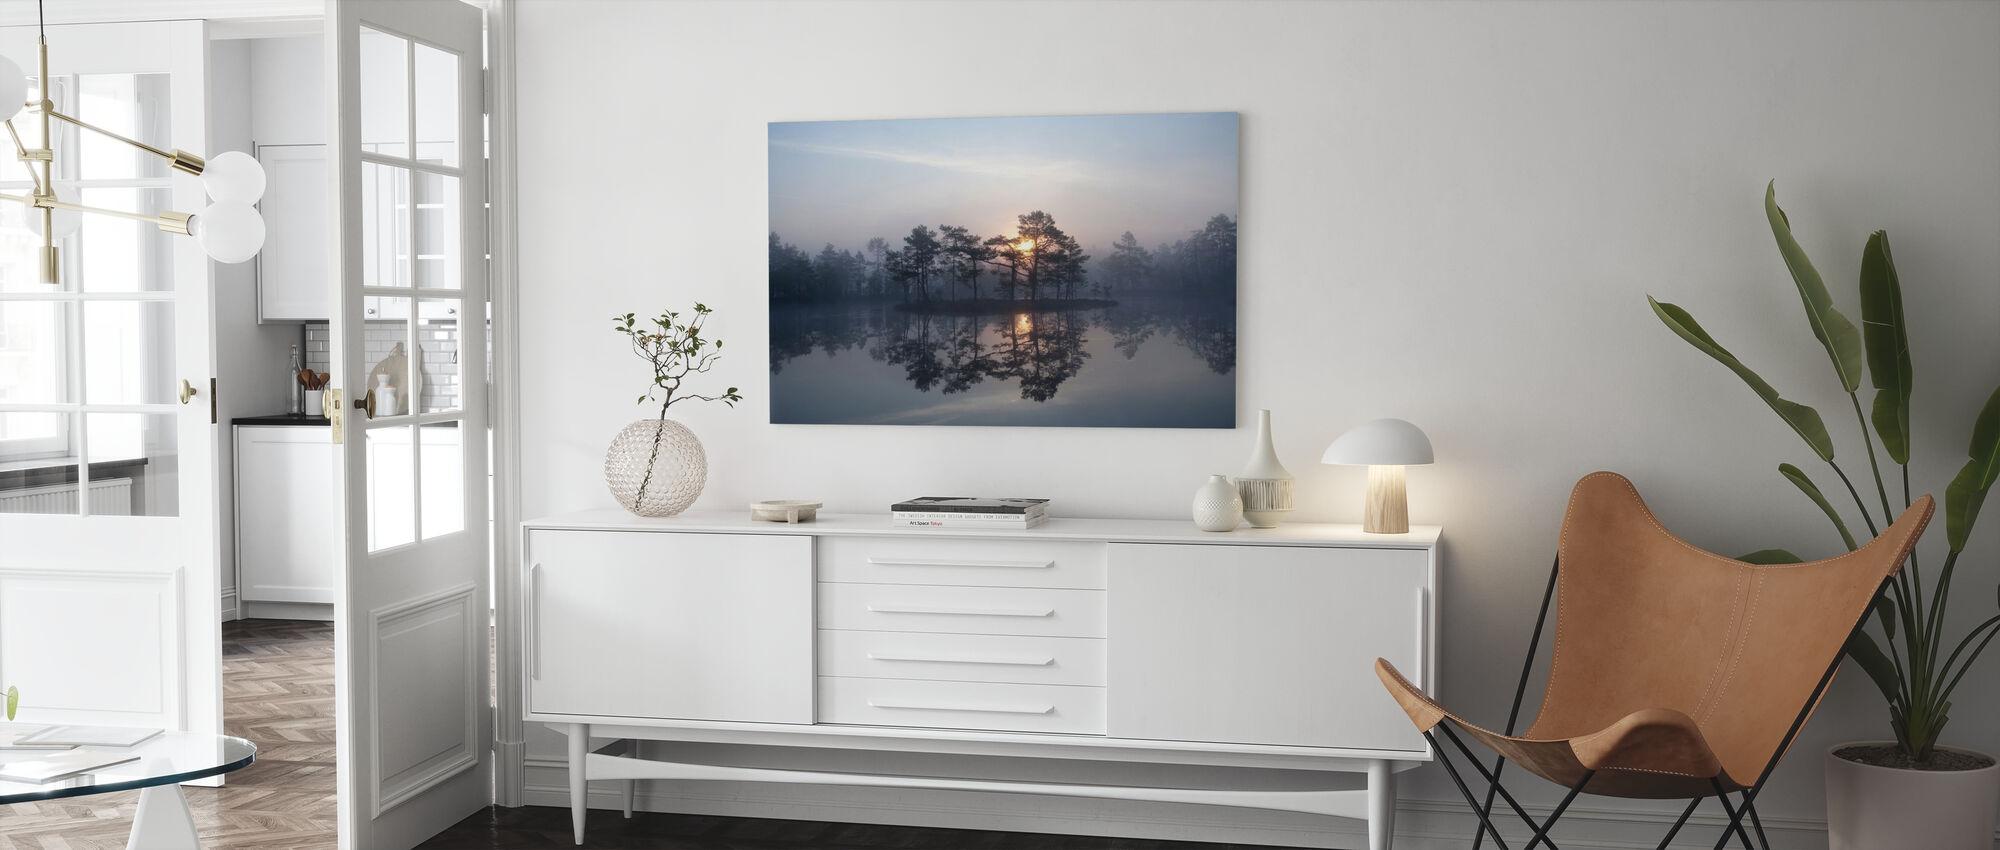 Zaubernder Nebel - Leinwandbild - Wohnzimmer